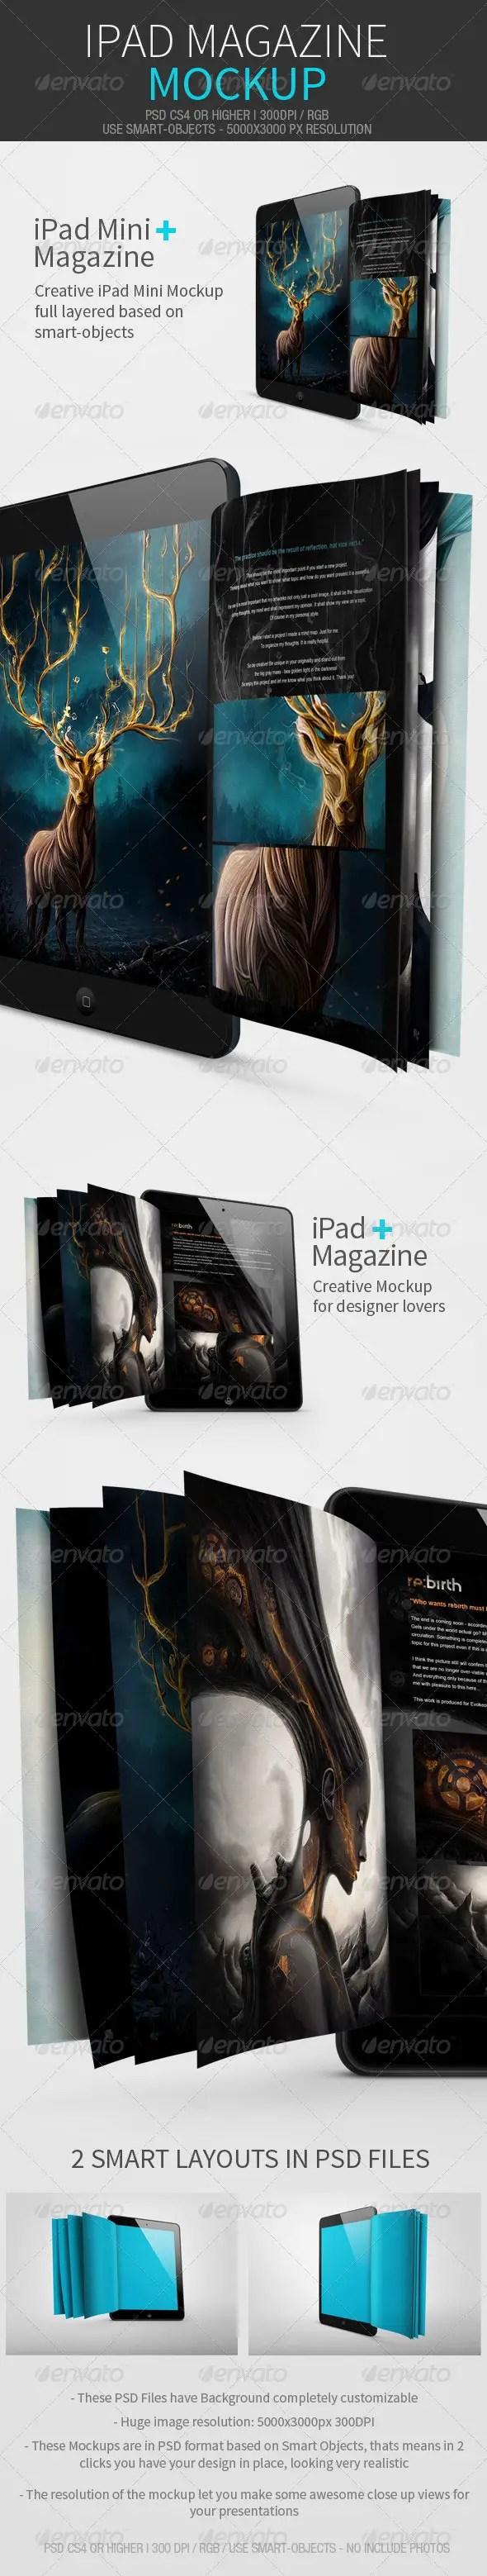 iPad Magazine Mockup